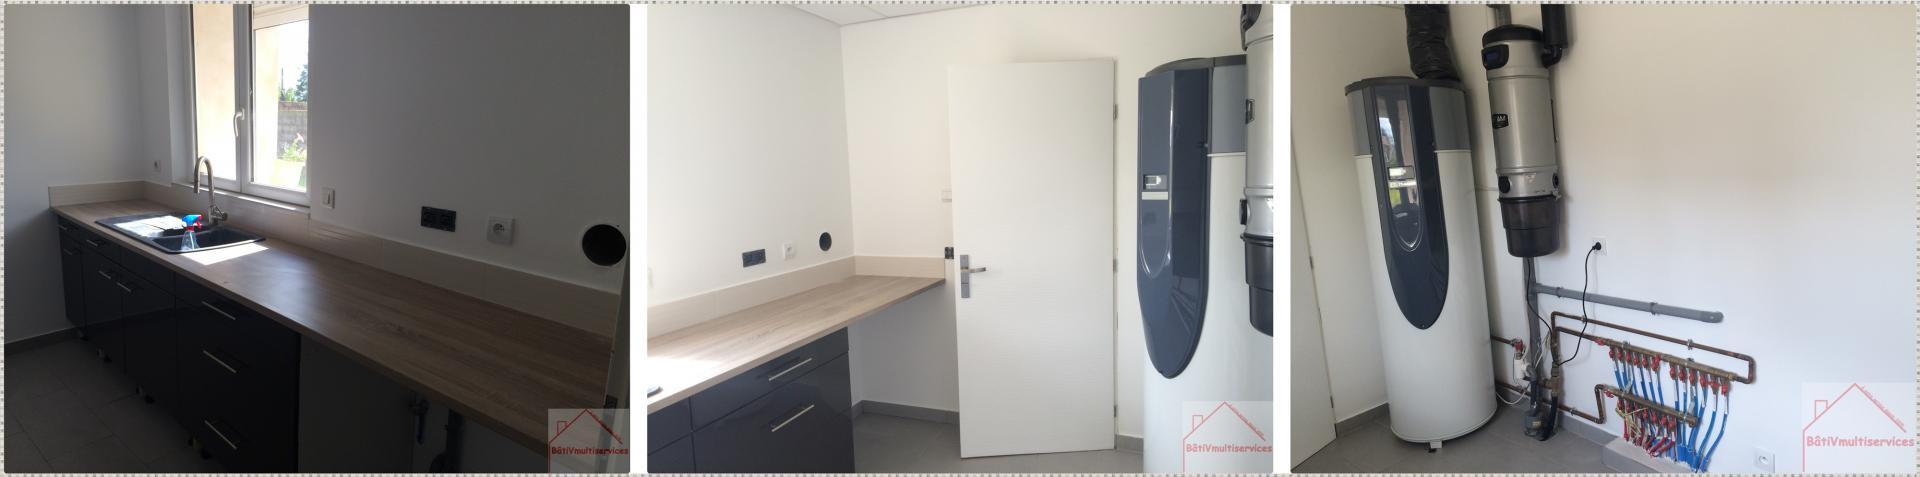 cr ation modification am nagement de l 39 espace. Black Bedroom Furniture Sets. Home Design Ideas